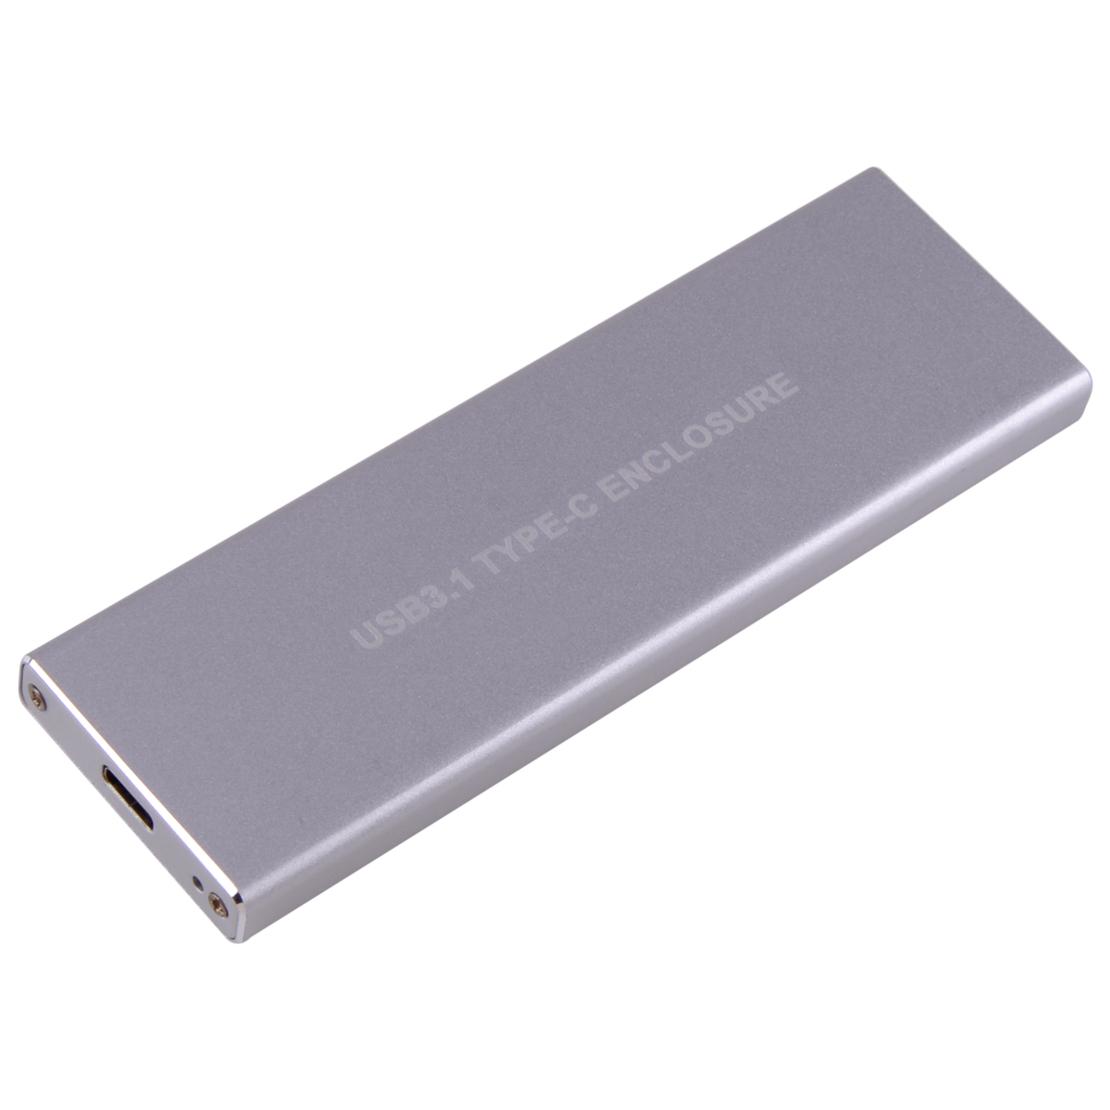 Festplatte C Vergrößern